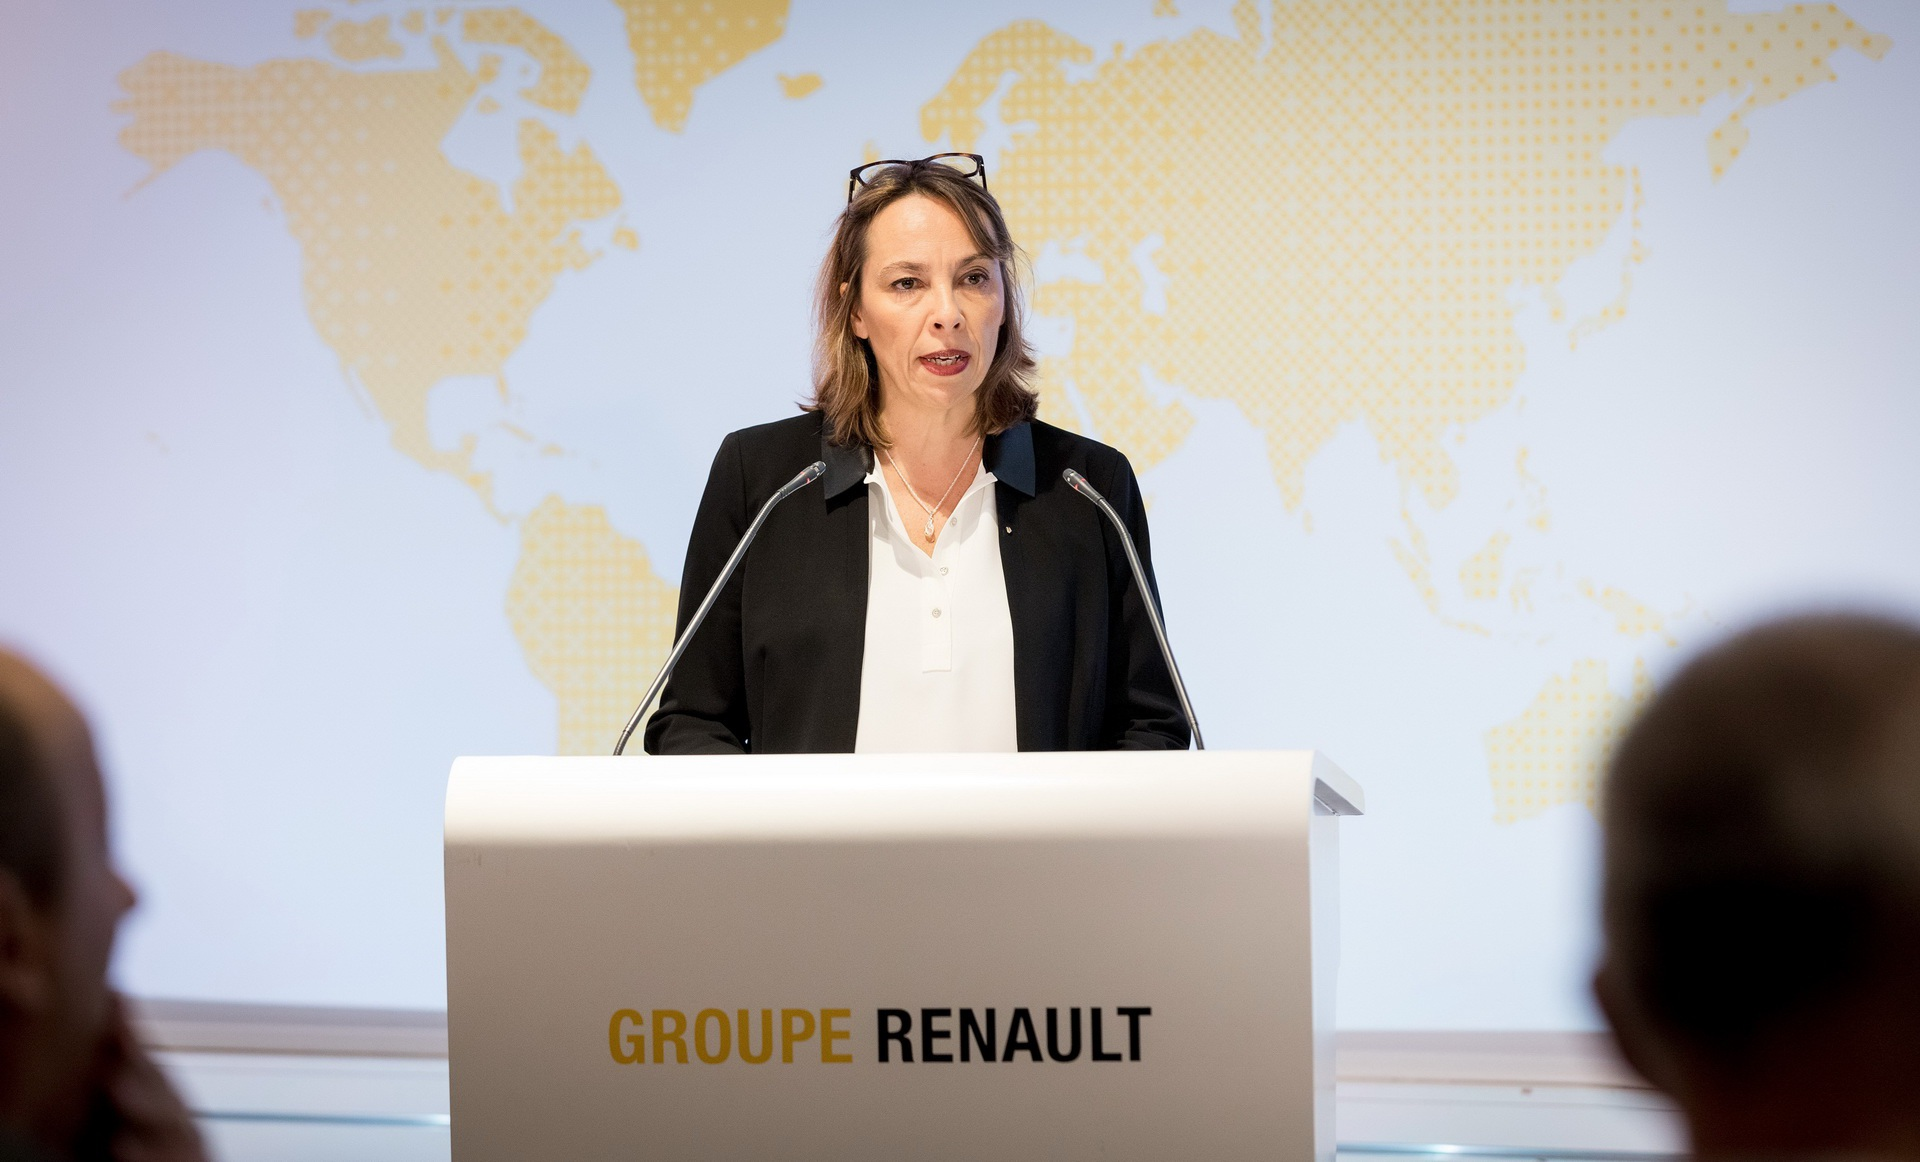 Renault thẳng tay sa thải giám đốc điều hành - 2